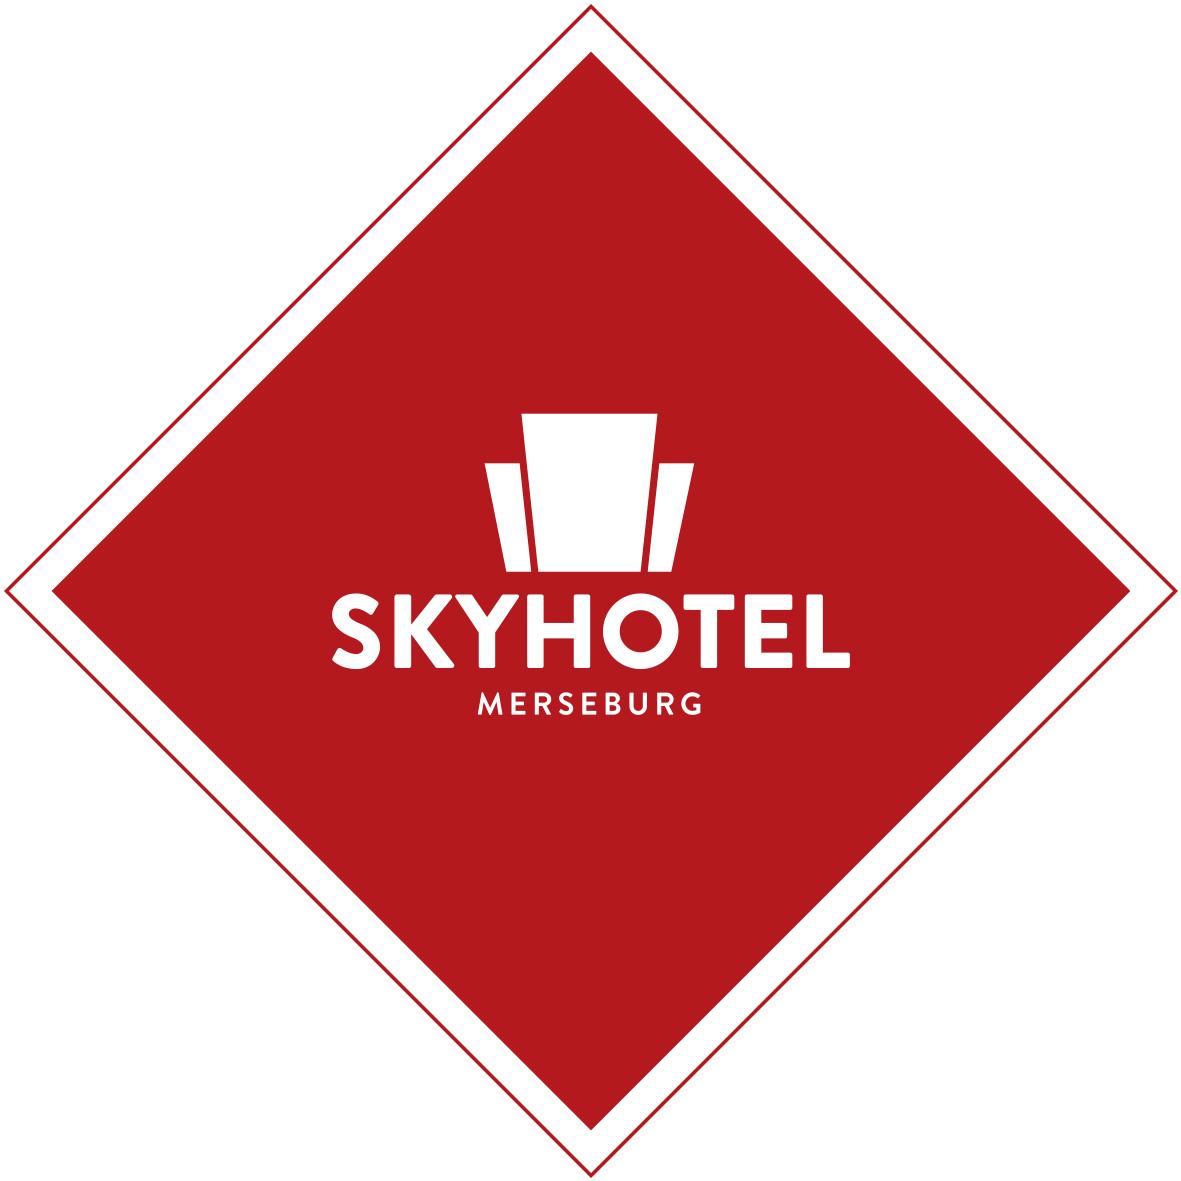 Hotel Merserburg SKY_Hotel Skyhotel.jpg